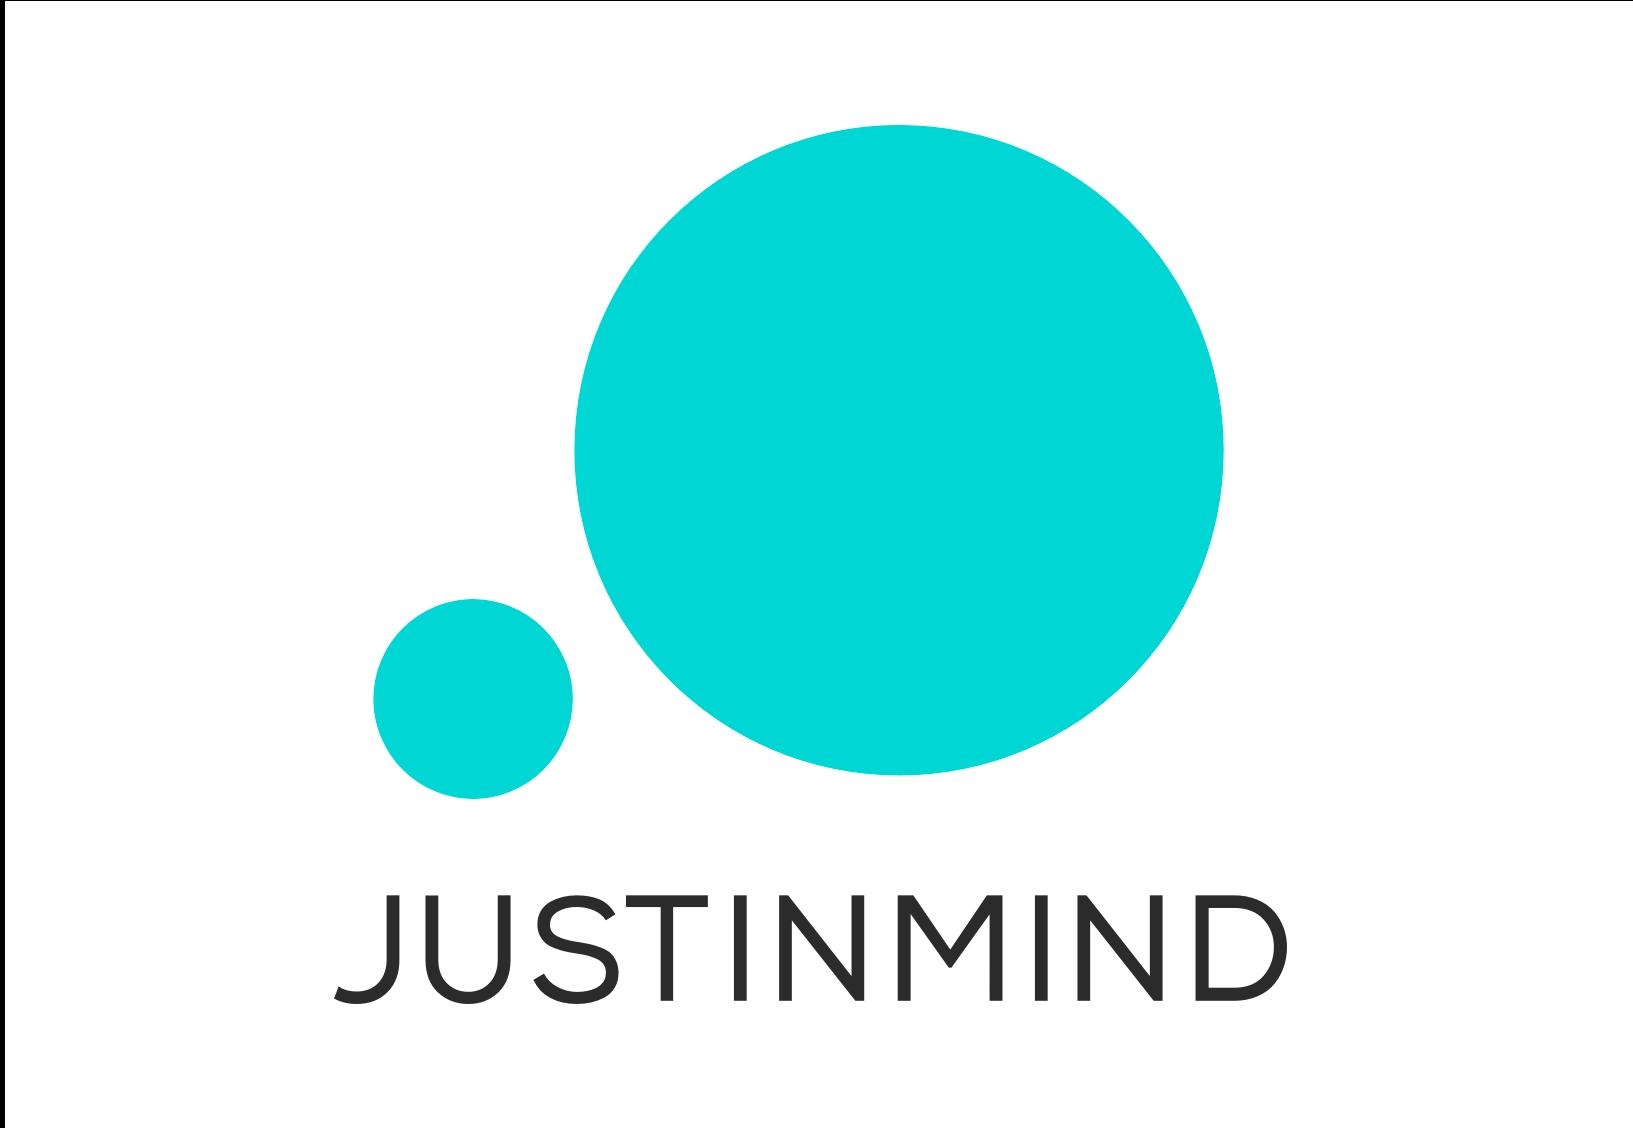 Justinmind stacked logo